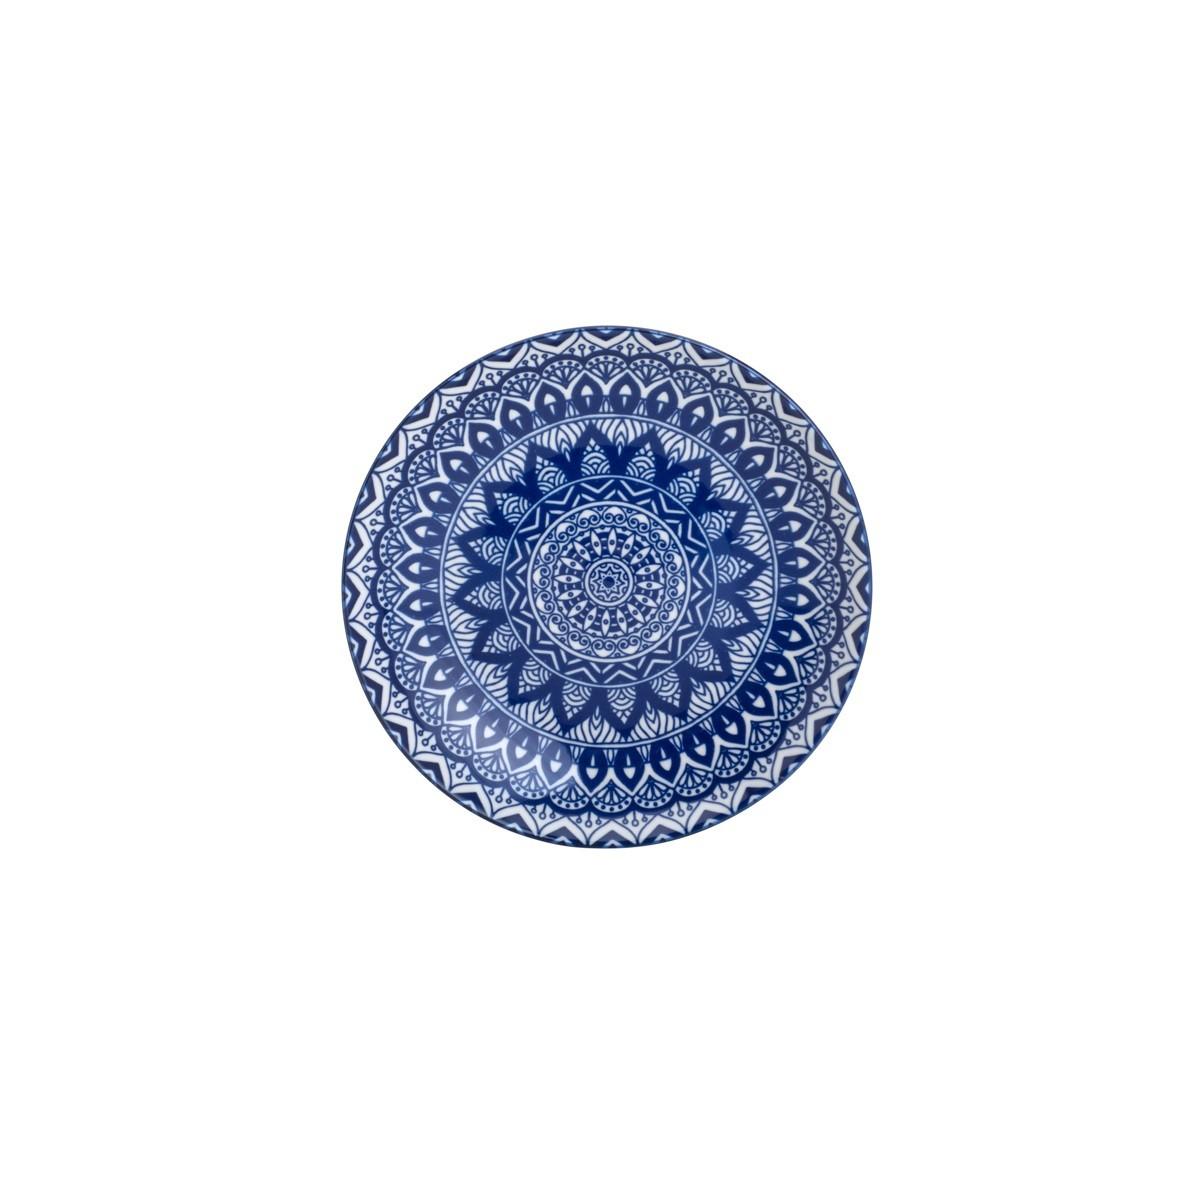 Prato de Sobremesa Redondo em Ceramica Azul 20cm - Lyor